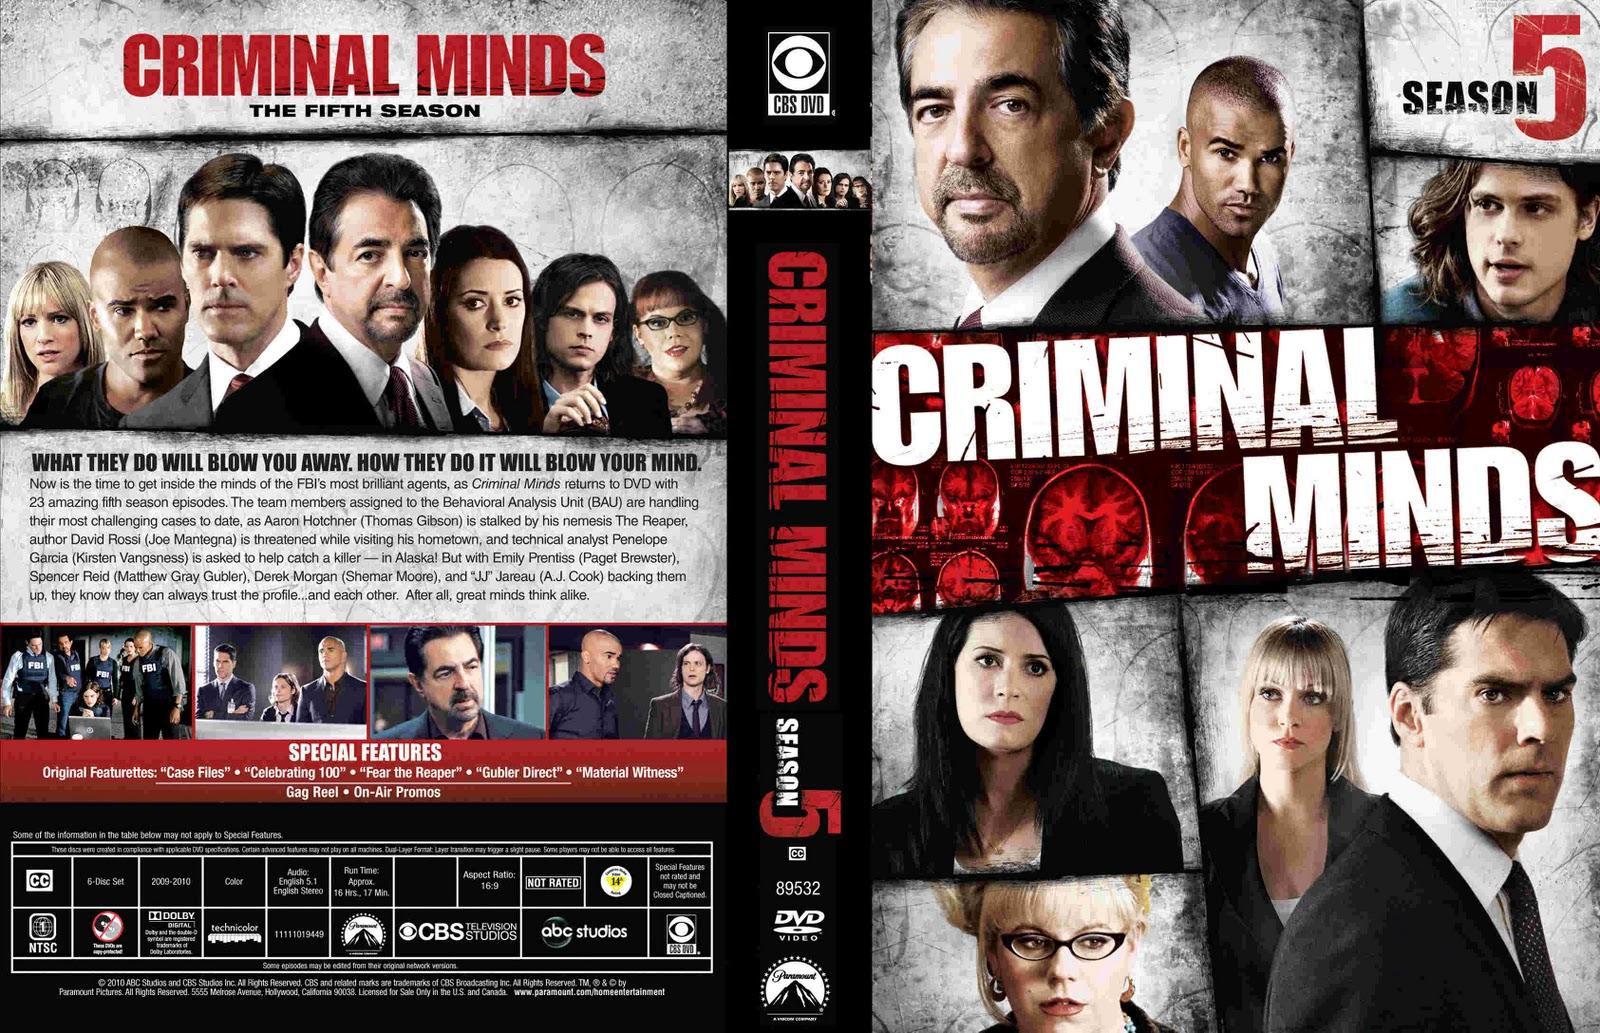 Criminal minds dvds / Chandler az outlets